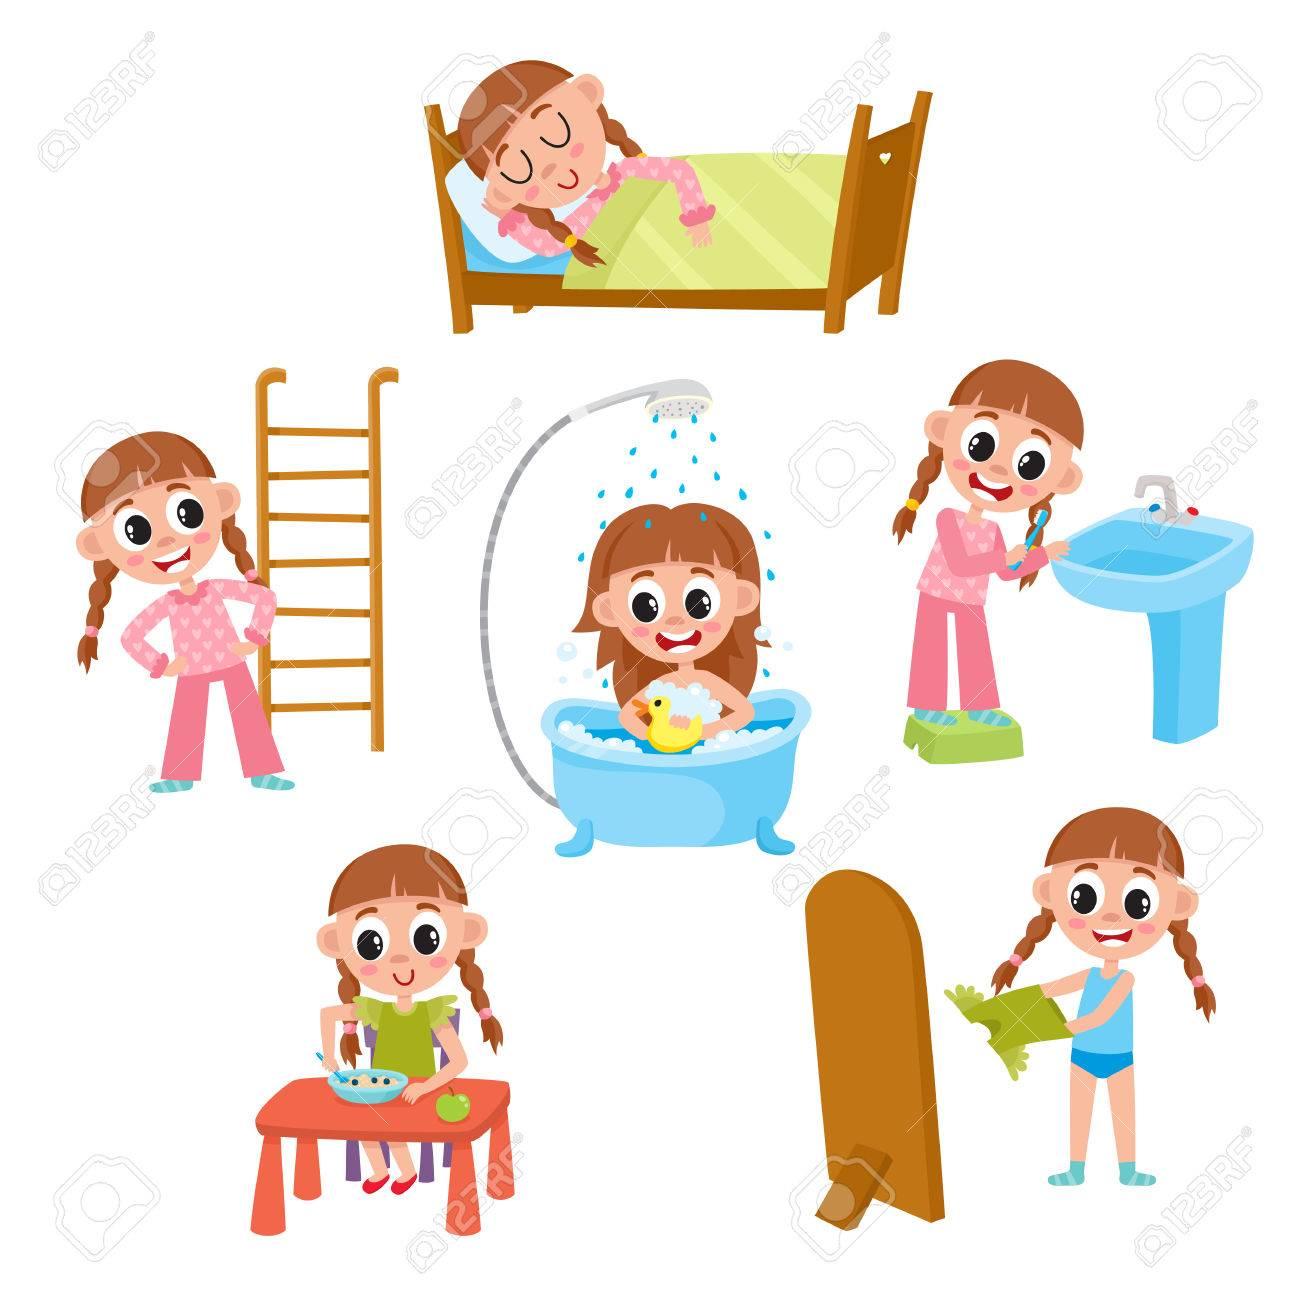 la rutina diaria de la maana nia dormir lavar comer vestirse haciendo ejercicios cepillarse los dientes ilustracin vectorial de dibujos animados